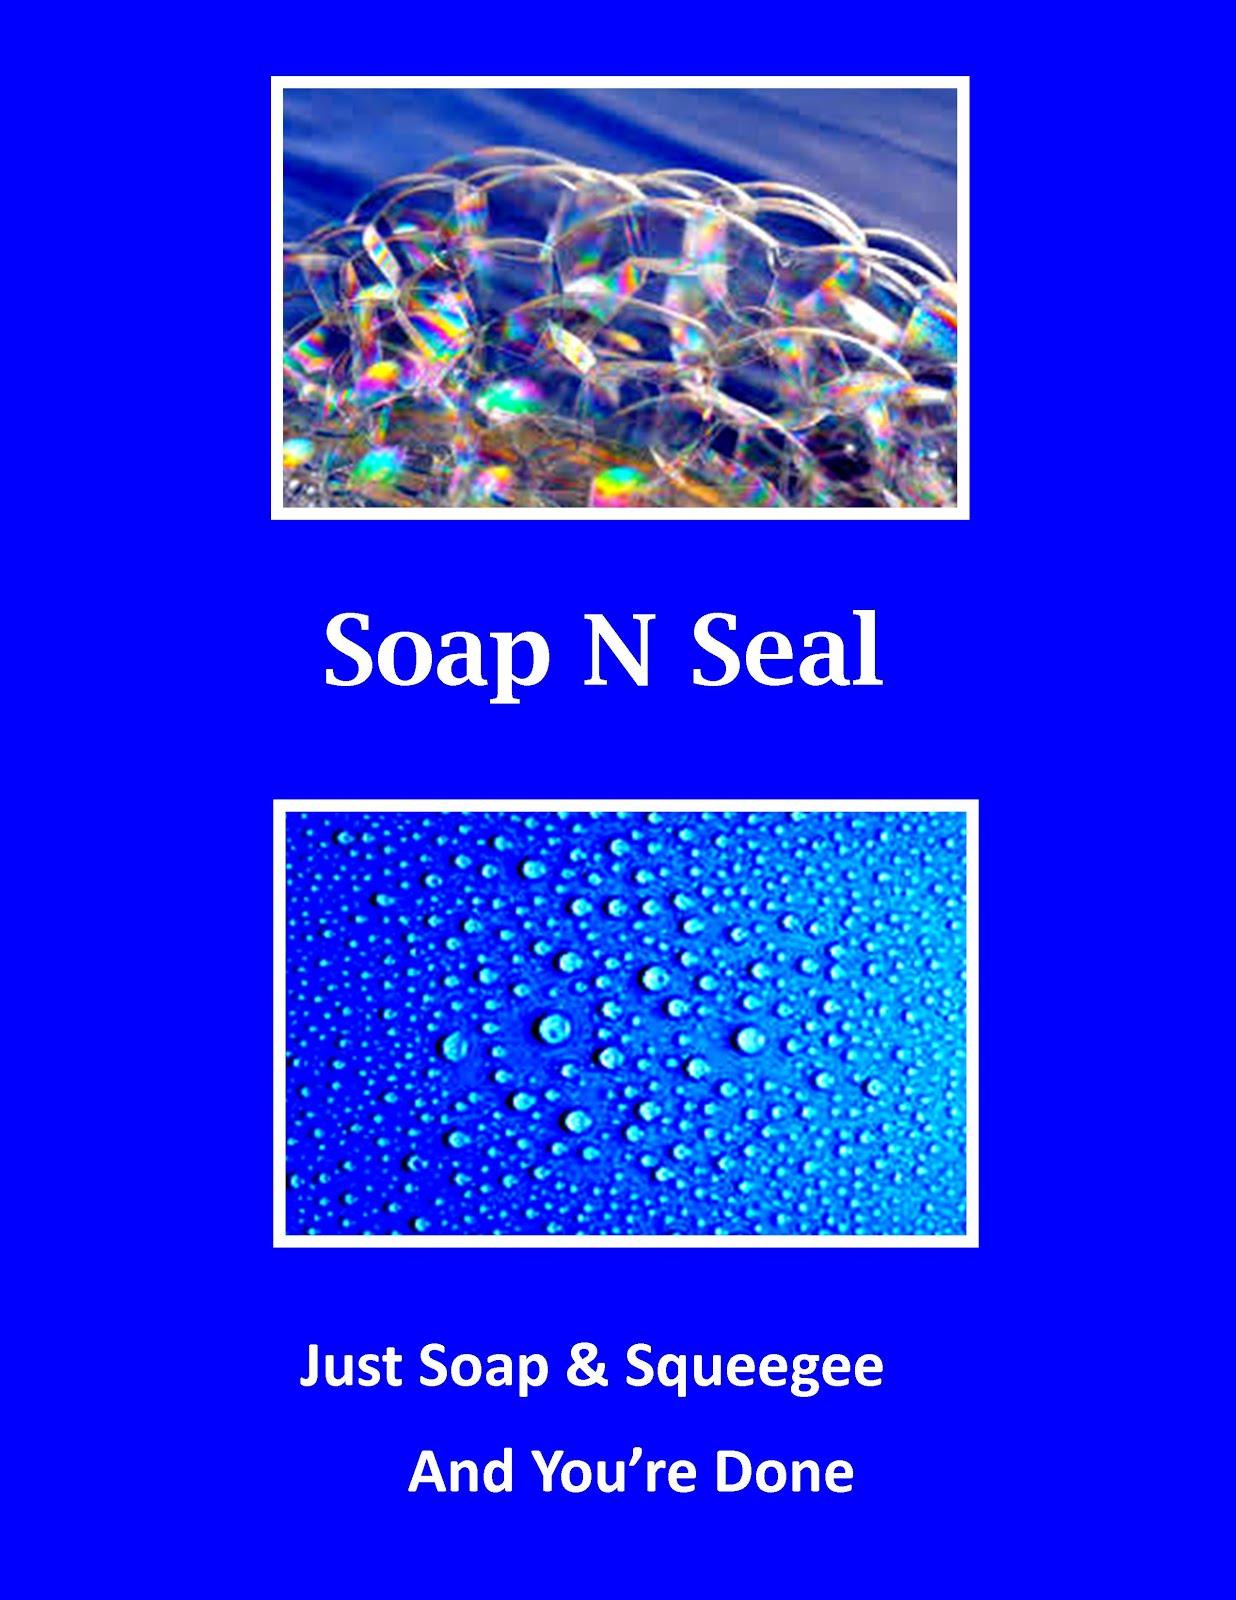 Soap N Seal